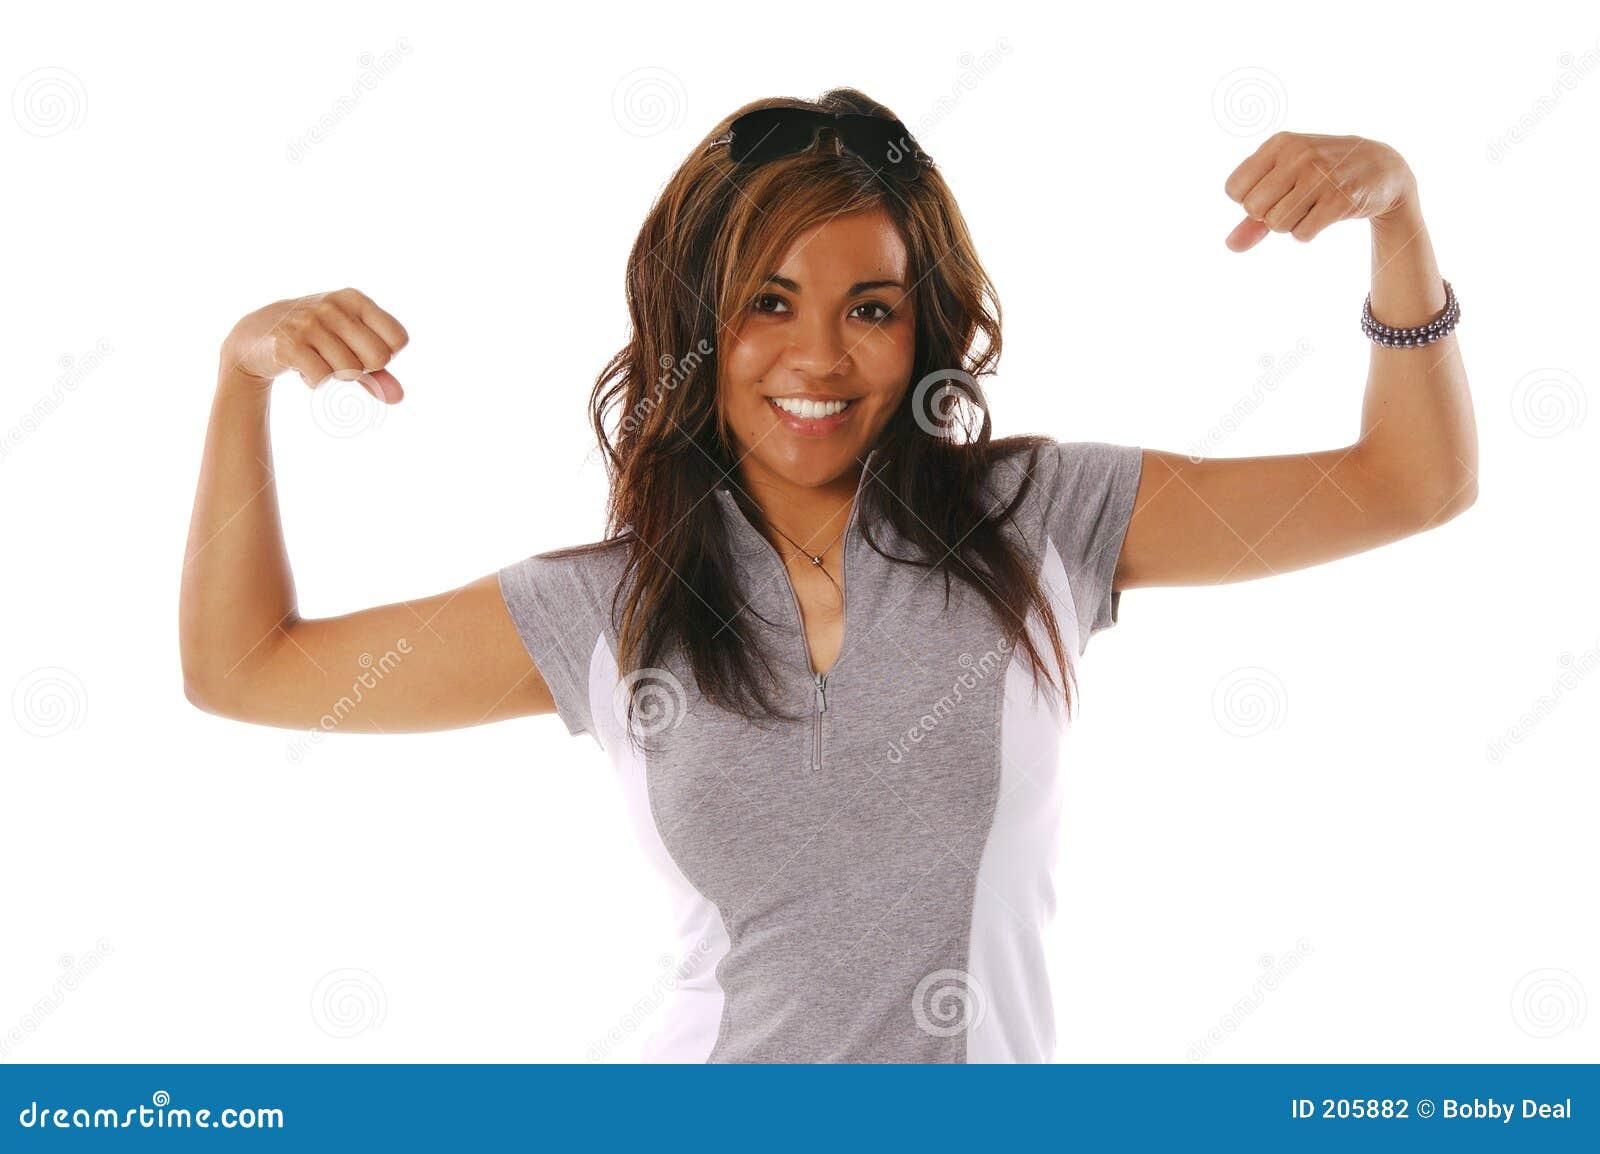 Workout Woman 5